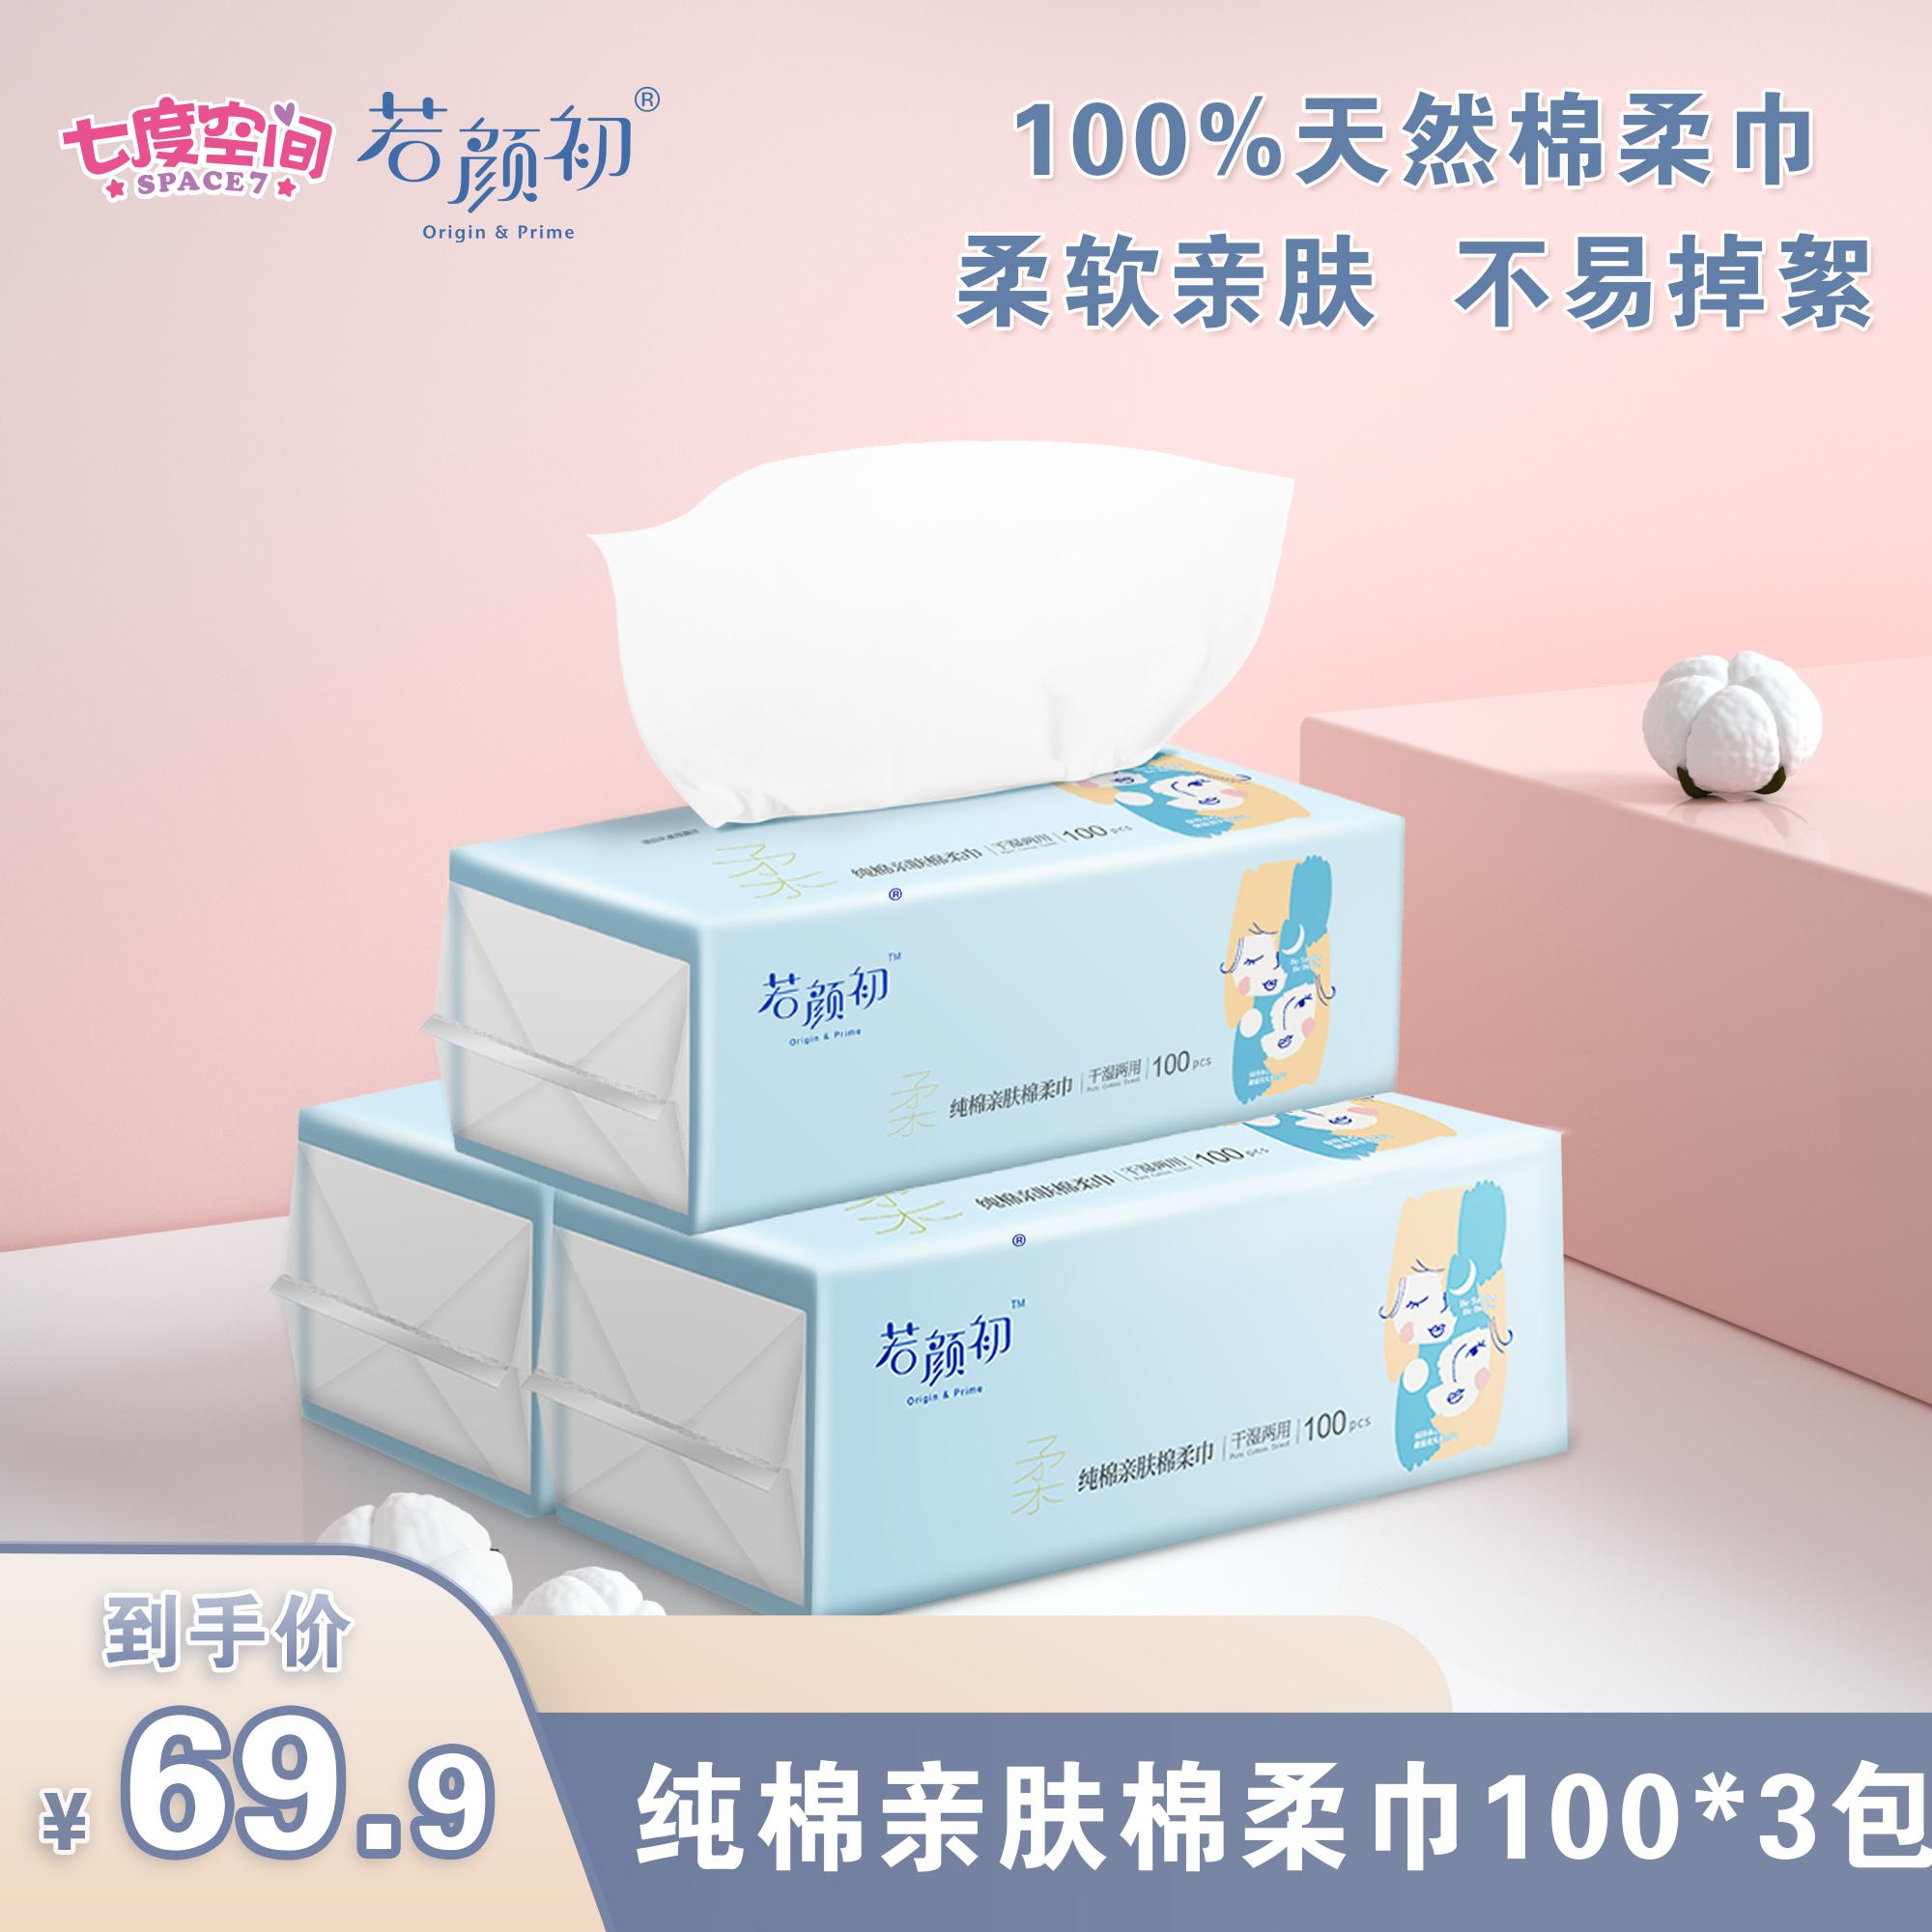 七度空间洗脸巾一次性棉柔巾纯棉擦脸纸巾洁面巾洗面卸妆100* 3包